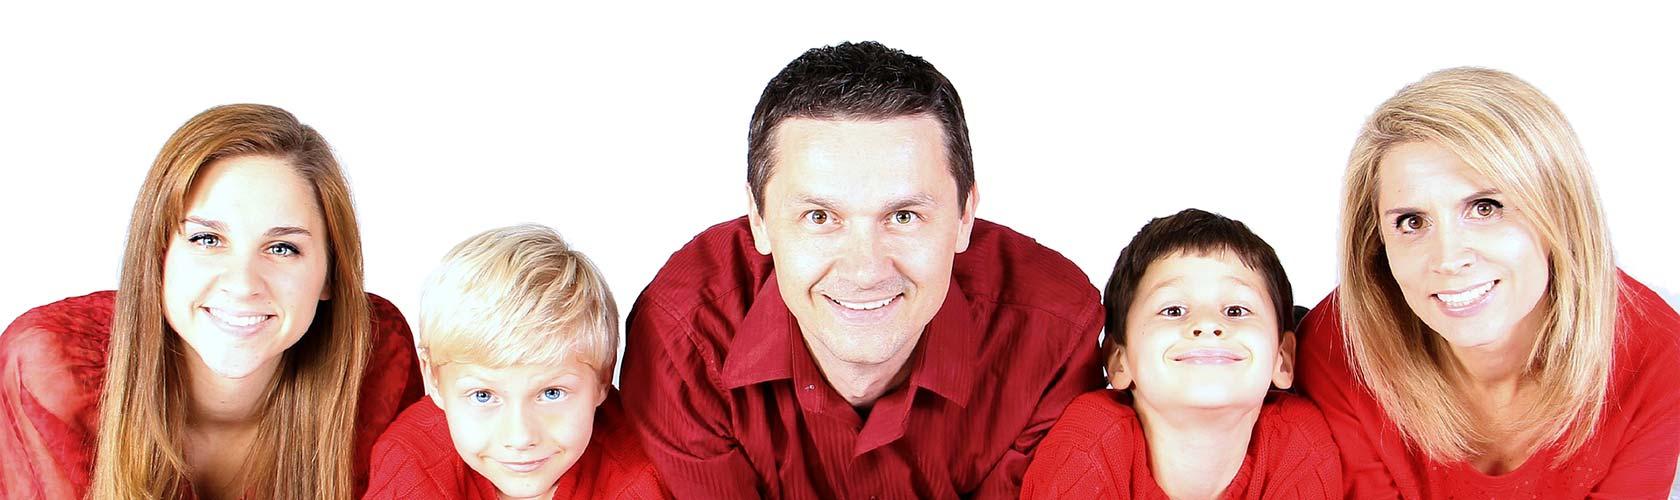 SKM Neuss Beratung für Familien, Jugendliche und Kinder